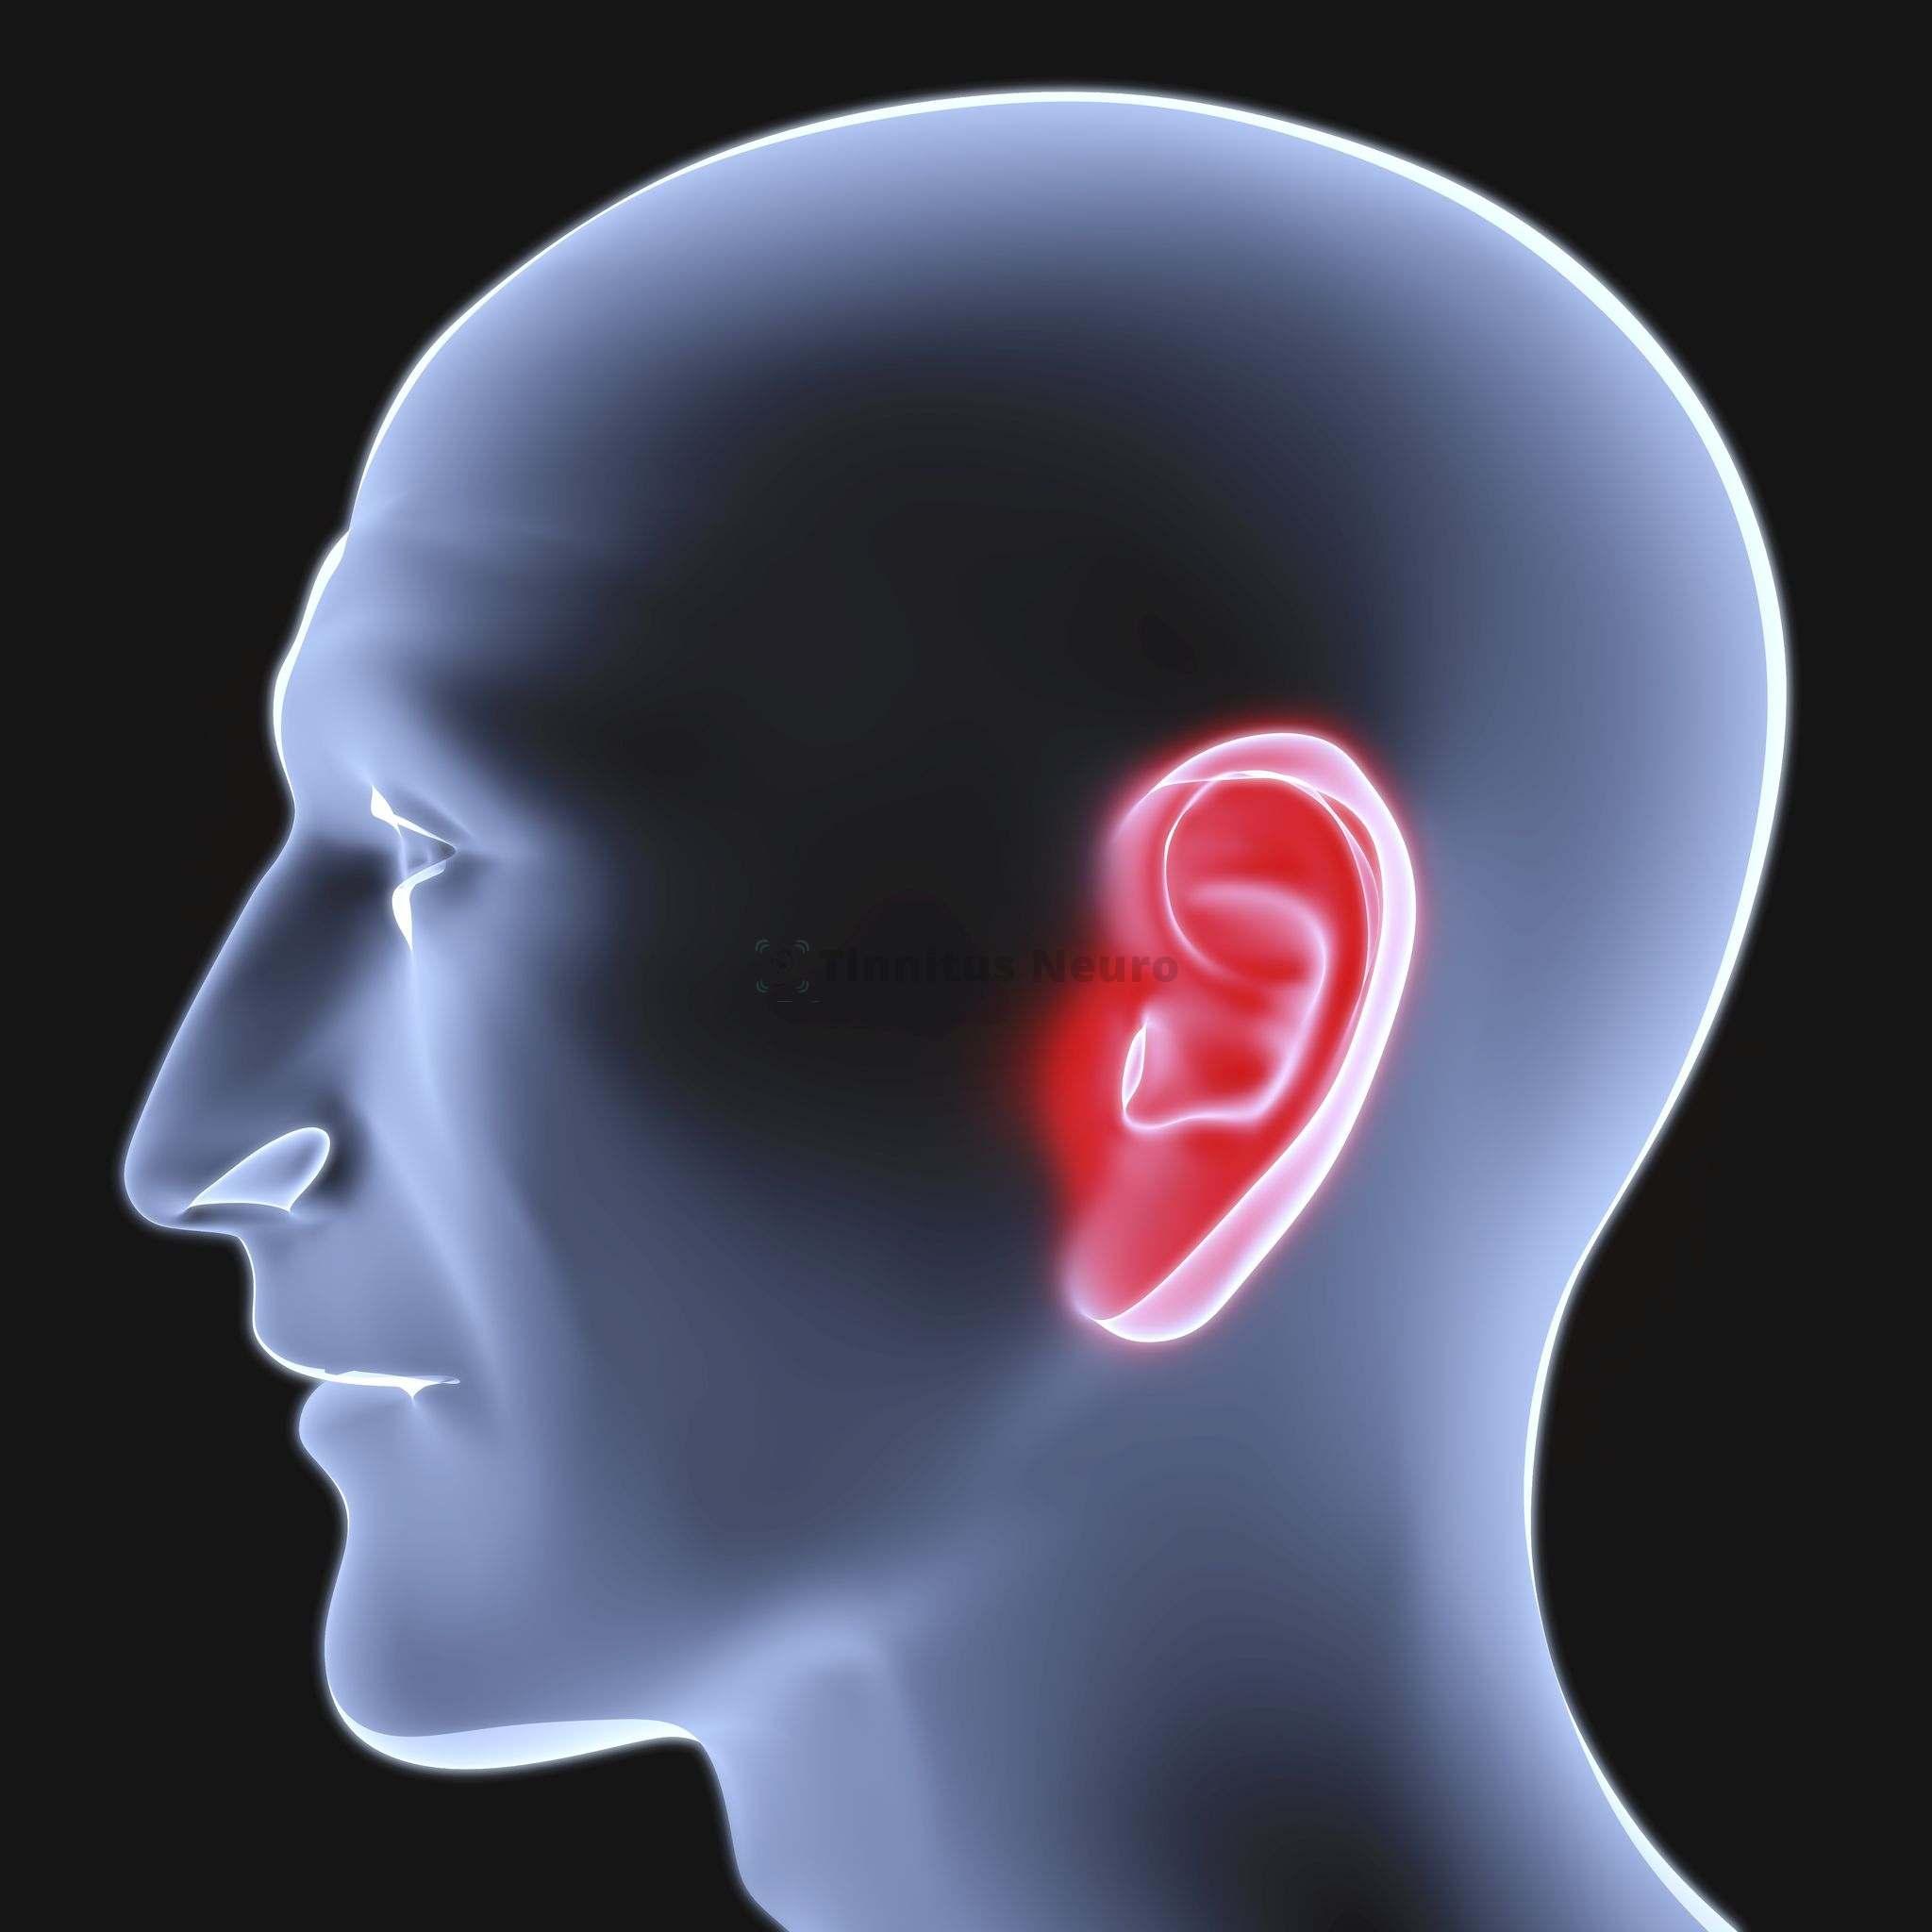 Односторонний шум в голове нередко появляется по причине воспаления